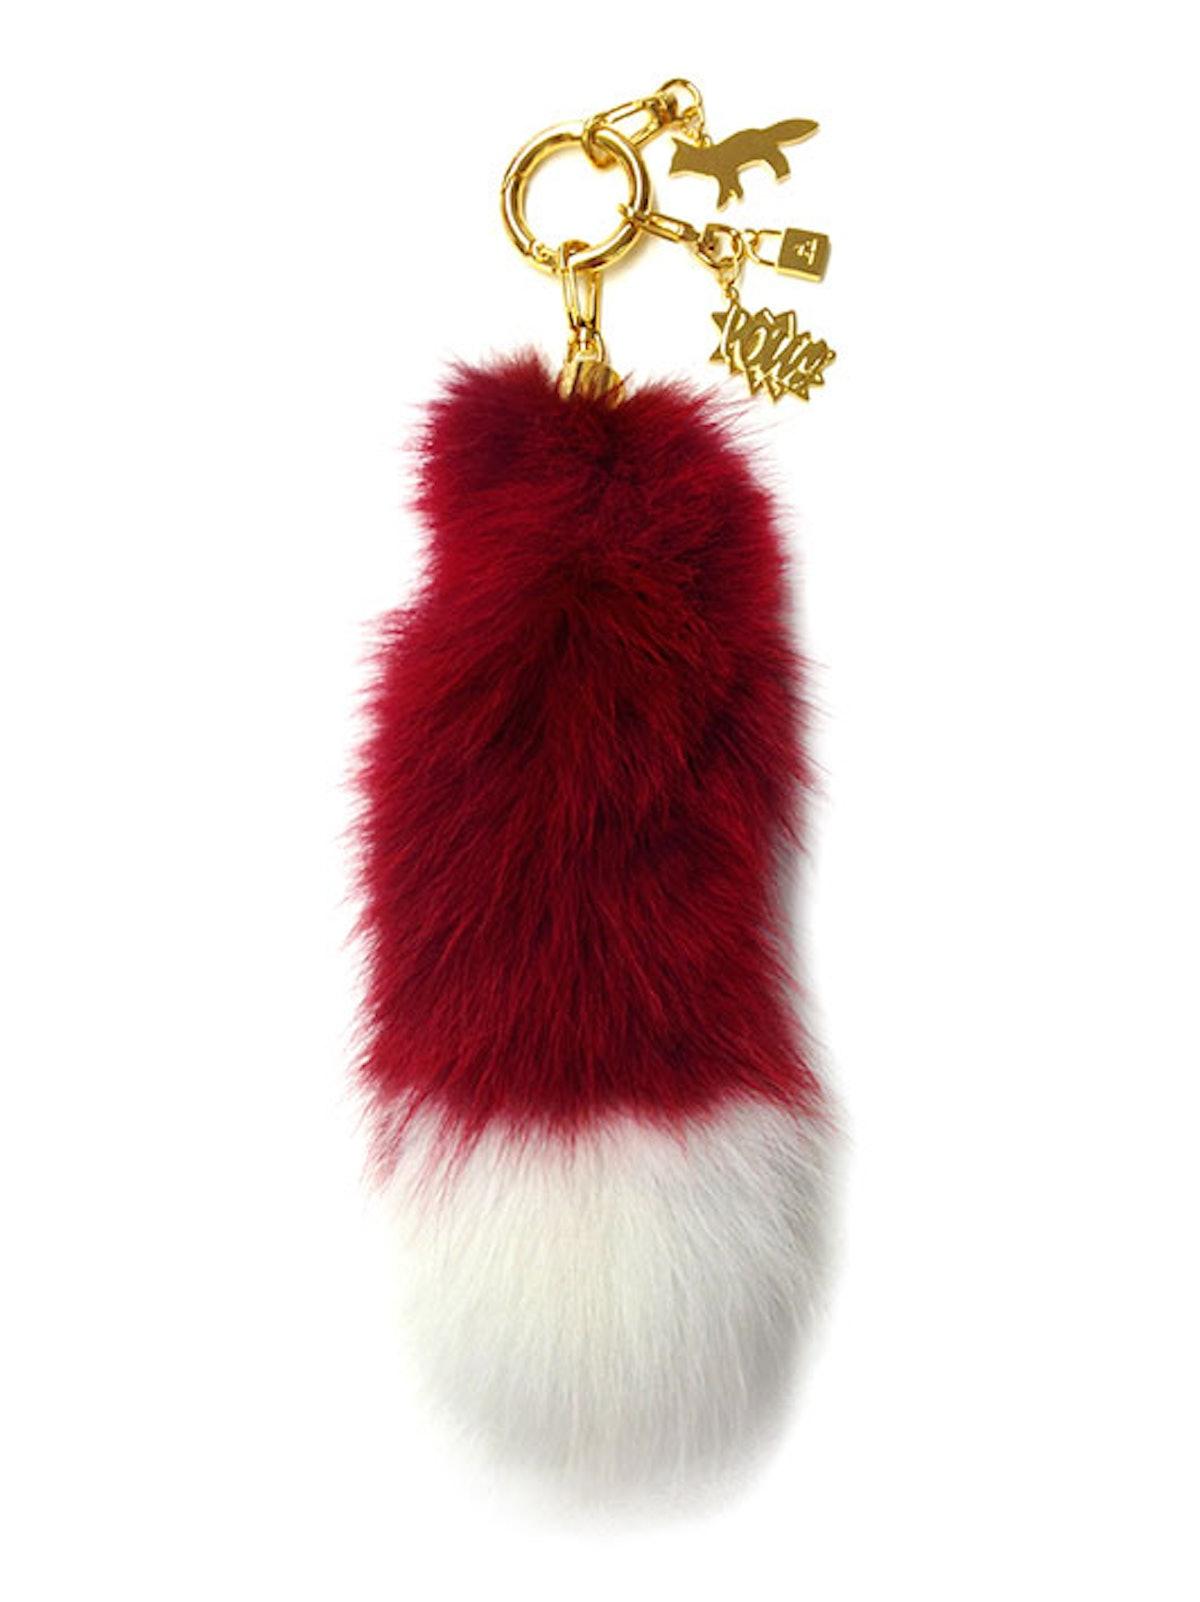 Real Fur Key Chain by AMBUSH Design x Maison Kitsuné